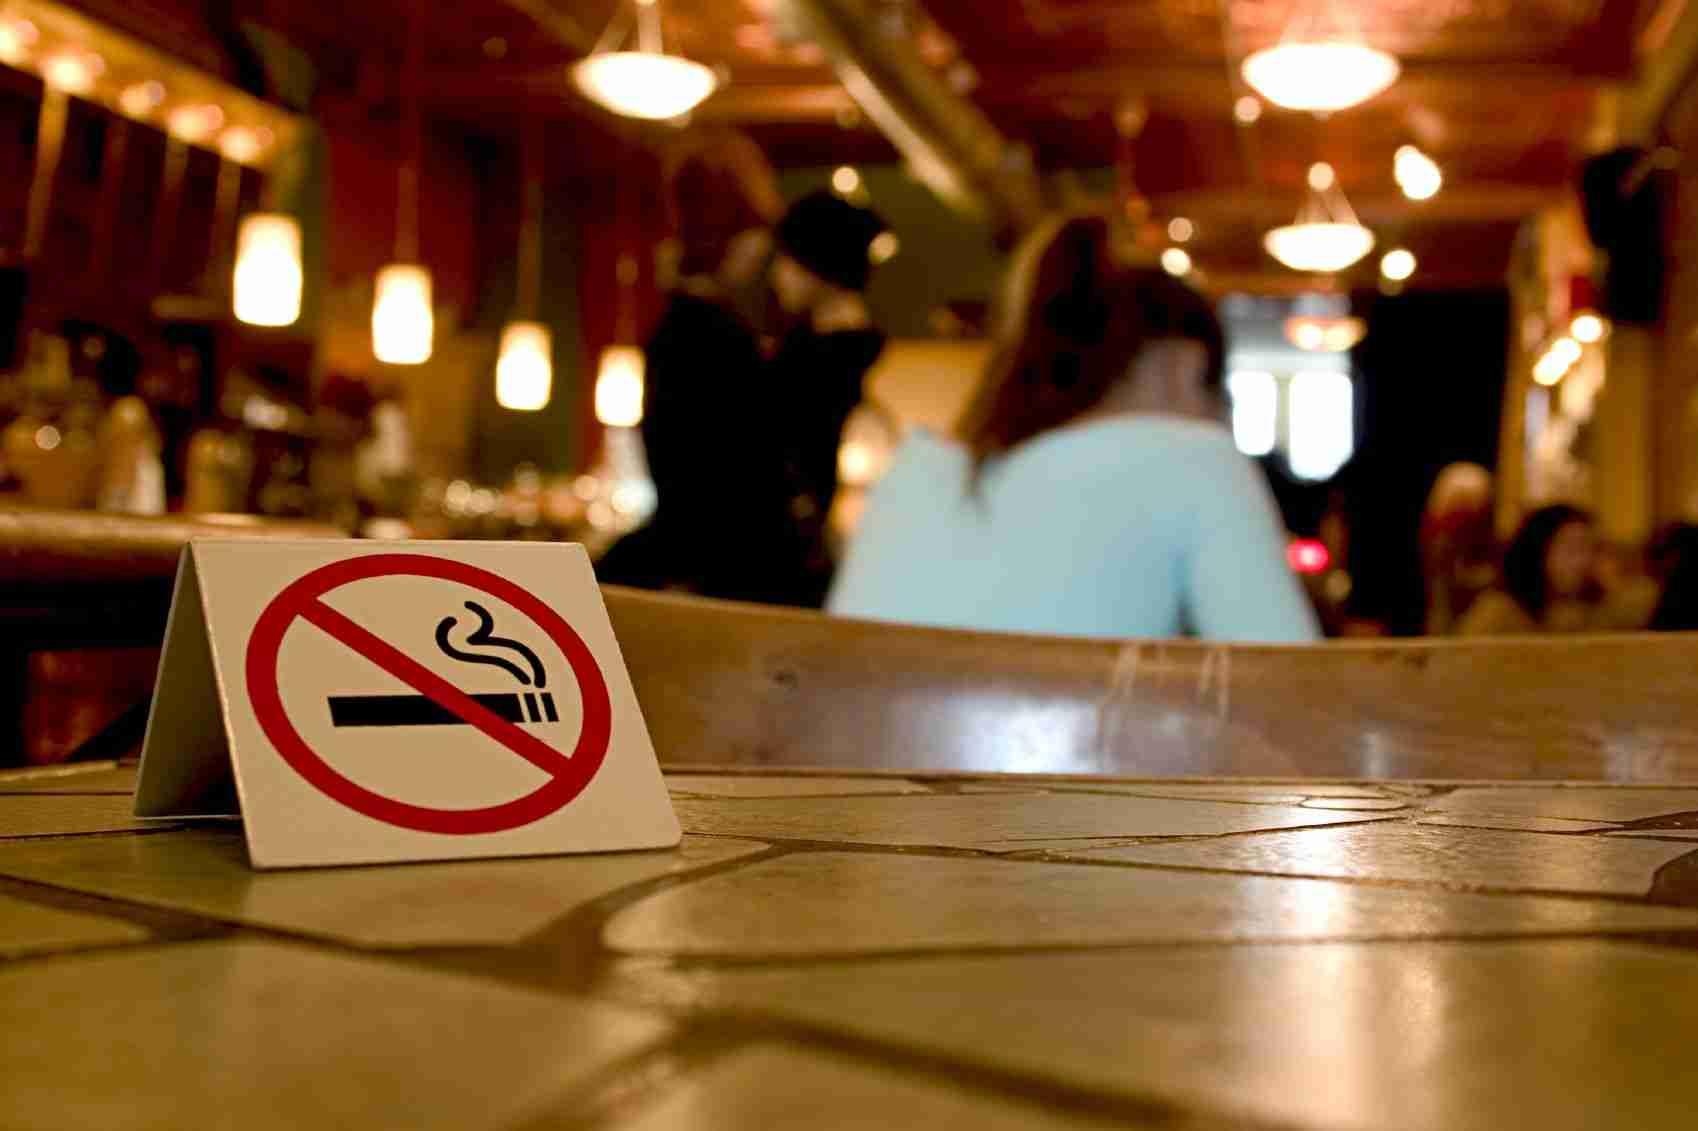 prijedlog usvojen, no još nema zabrane pušenja u bih